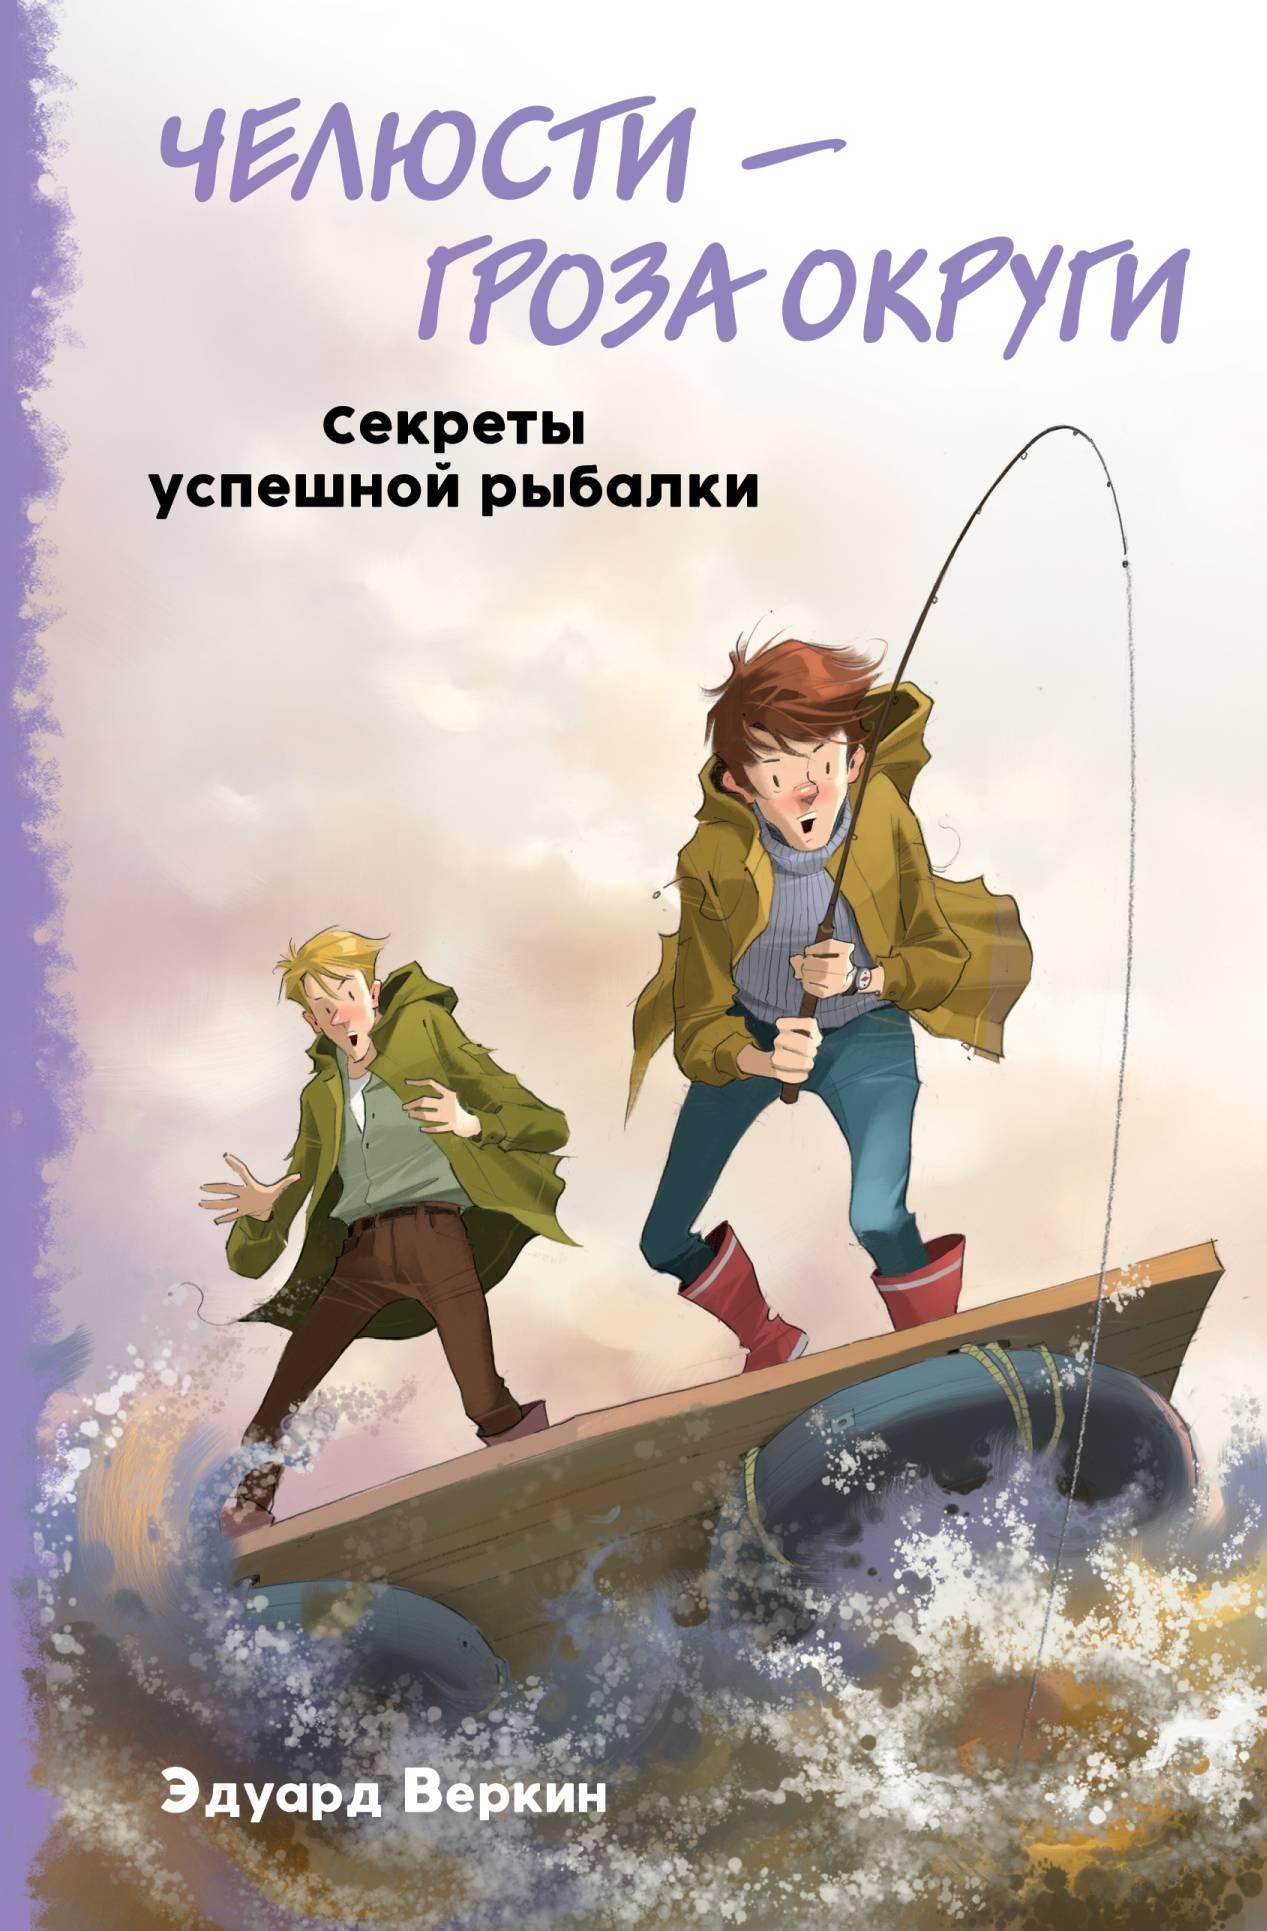 Челюсти – гроза округи. Секреты успешной рыбалки